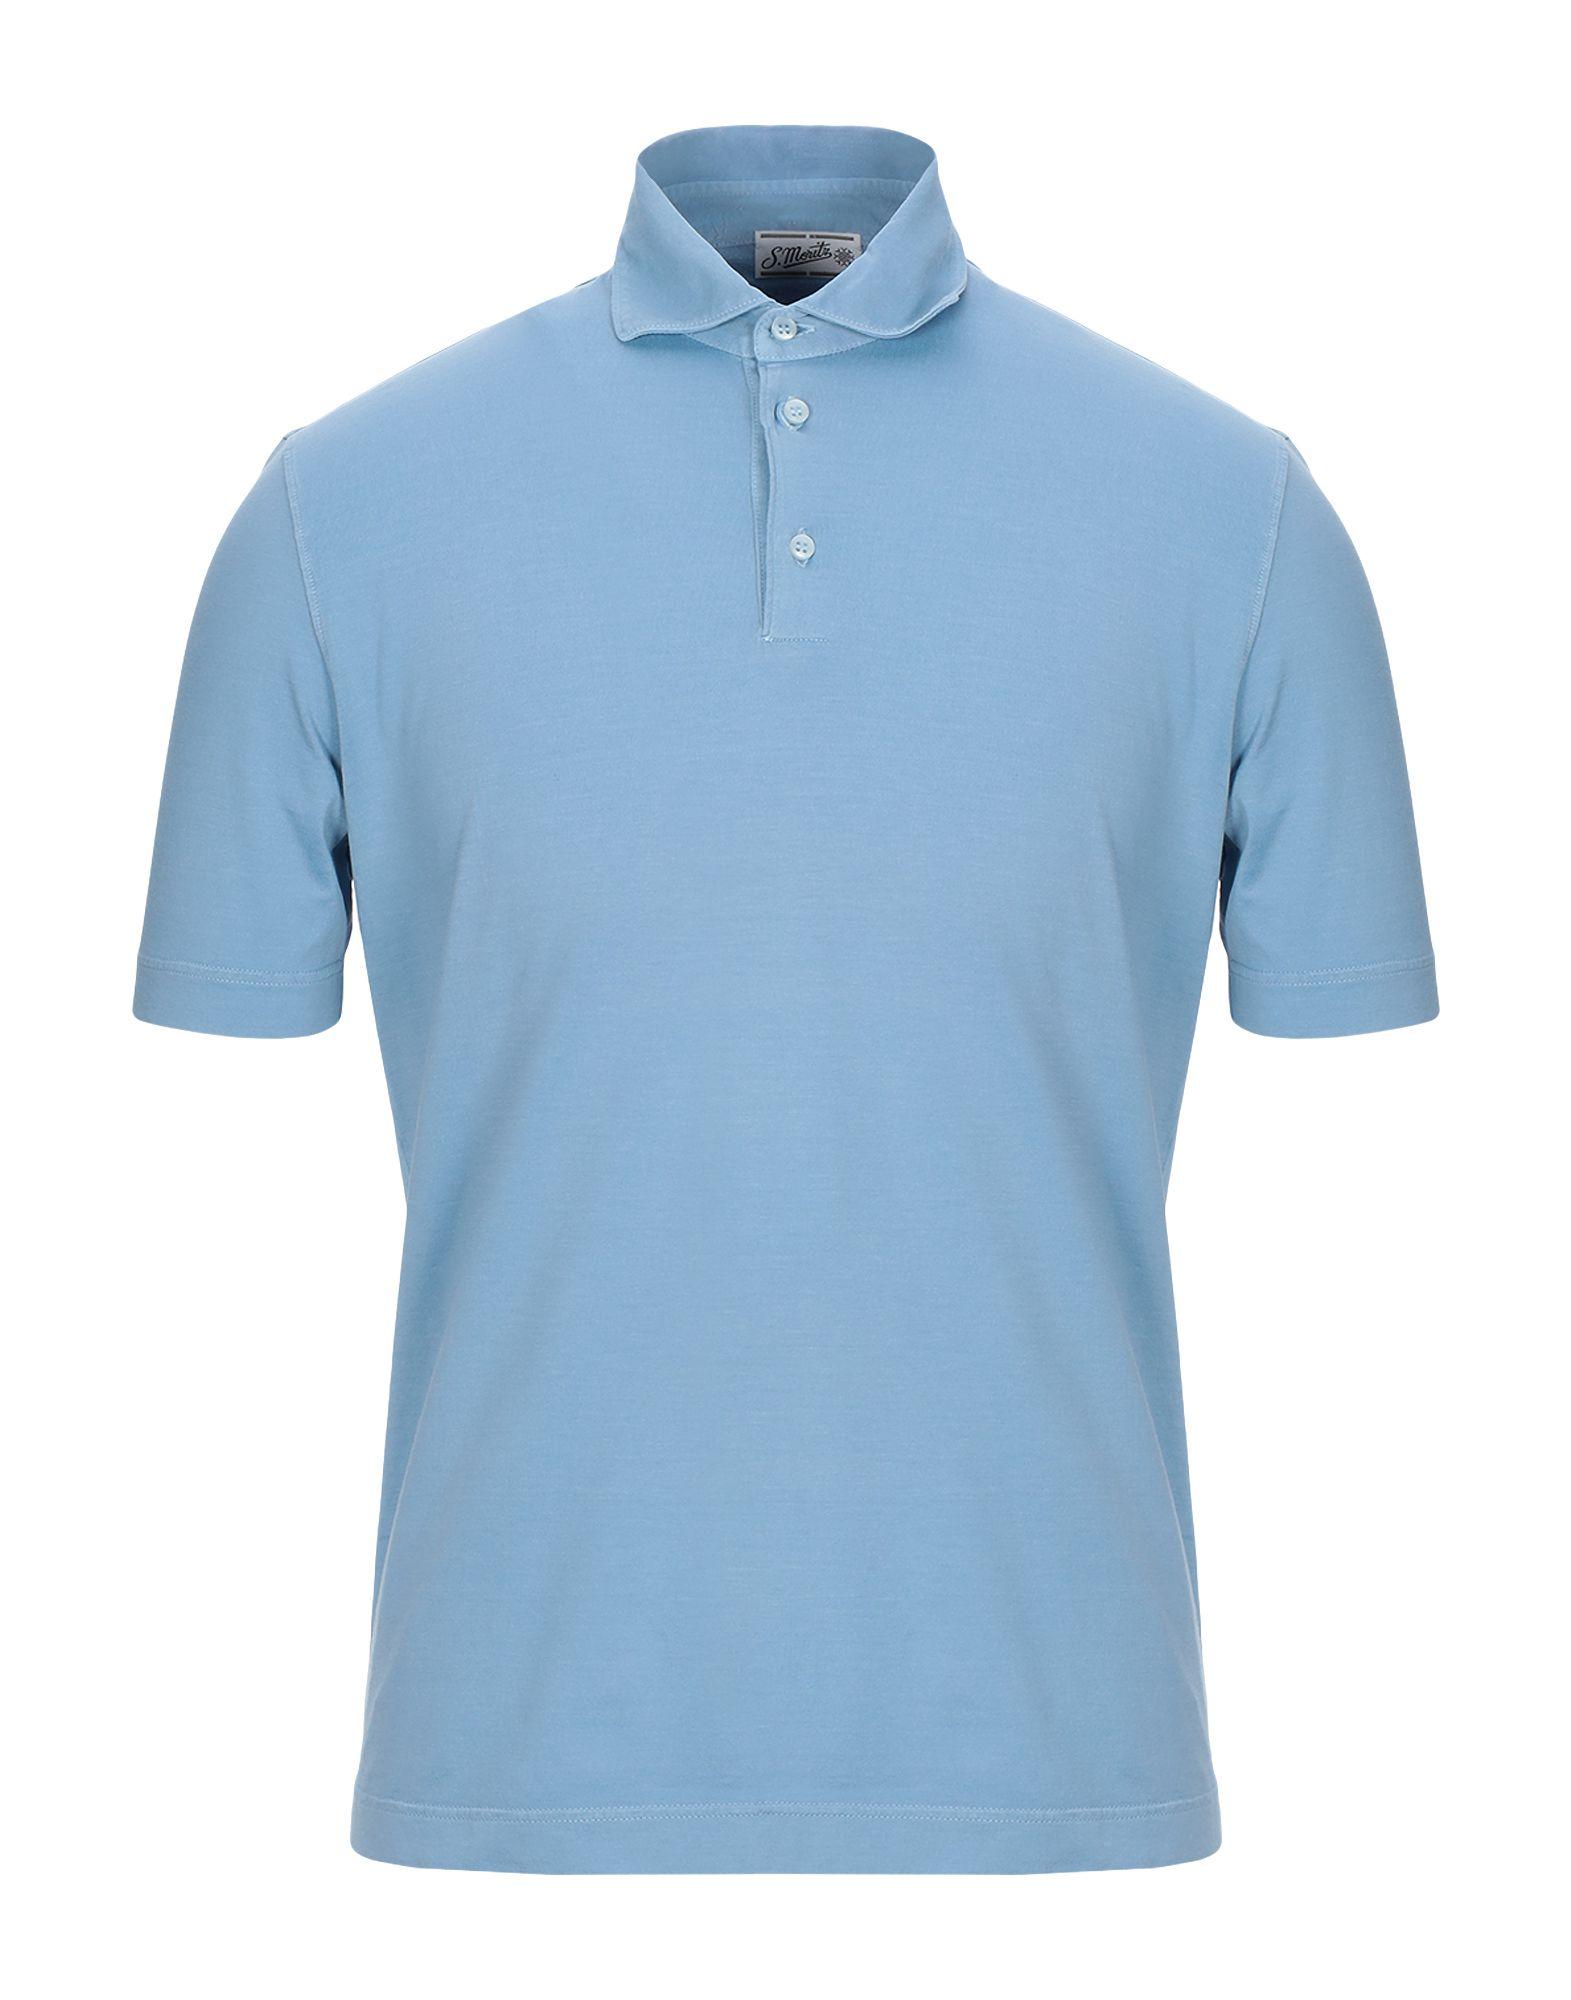 《セール開催中》S. MORITZ メンズ ポロシャツ アジュールブルー 48 コットン 100%